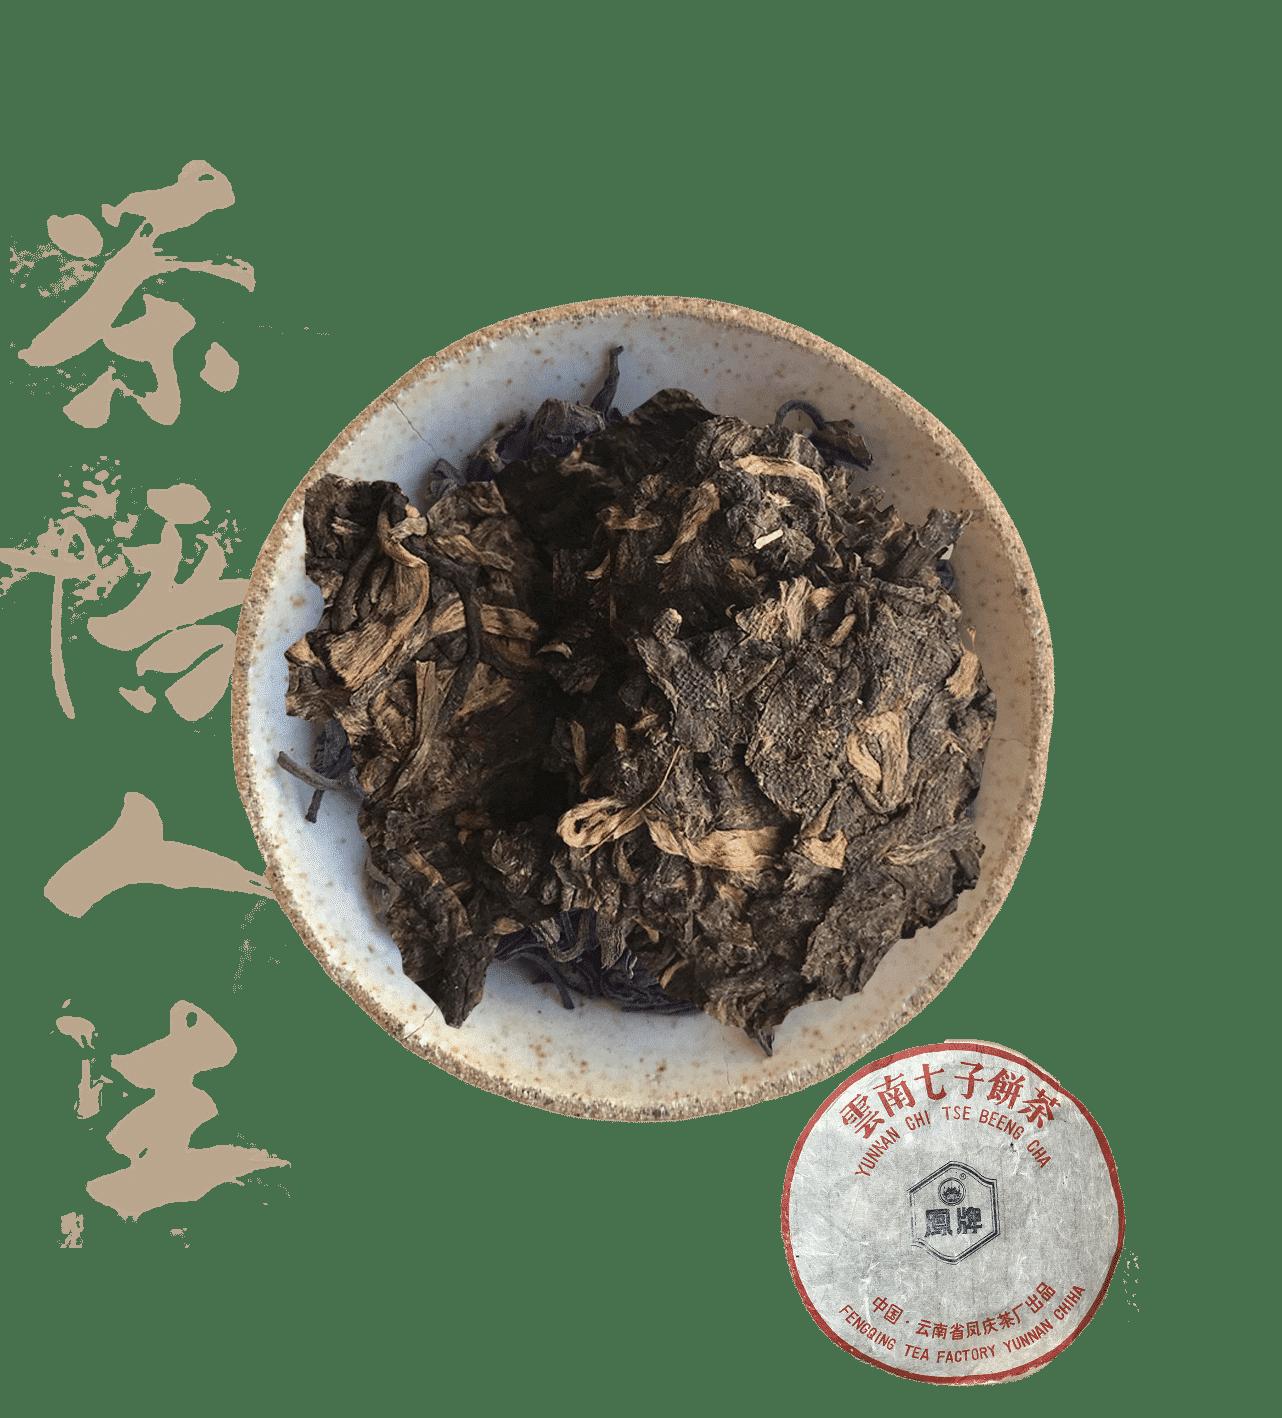 Feng qing chi tse beeng est un thé pu erh affiné de 2004